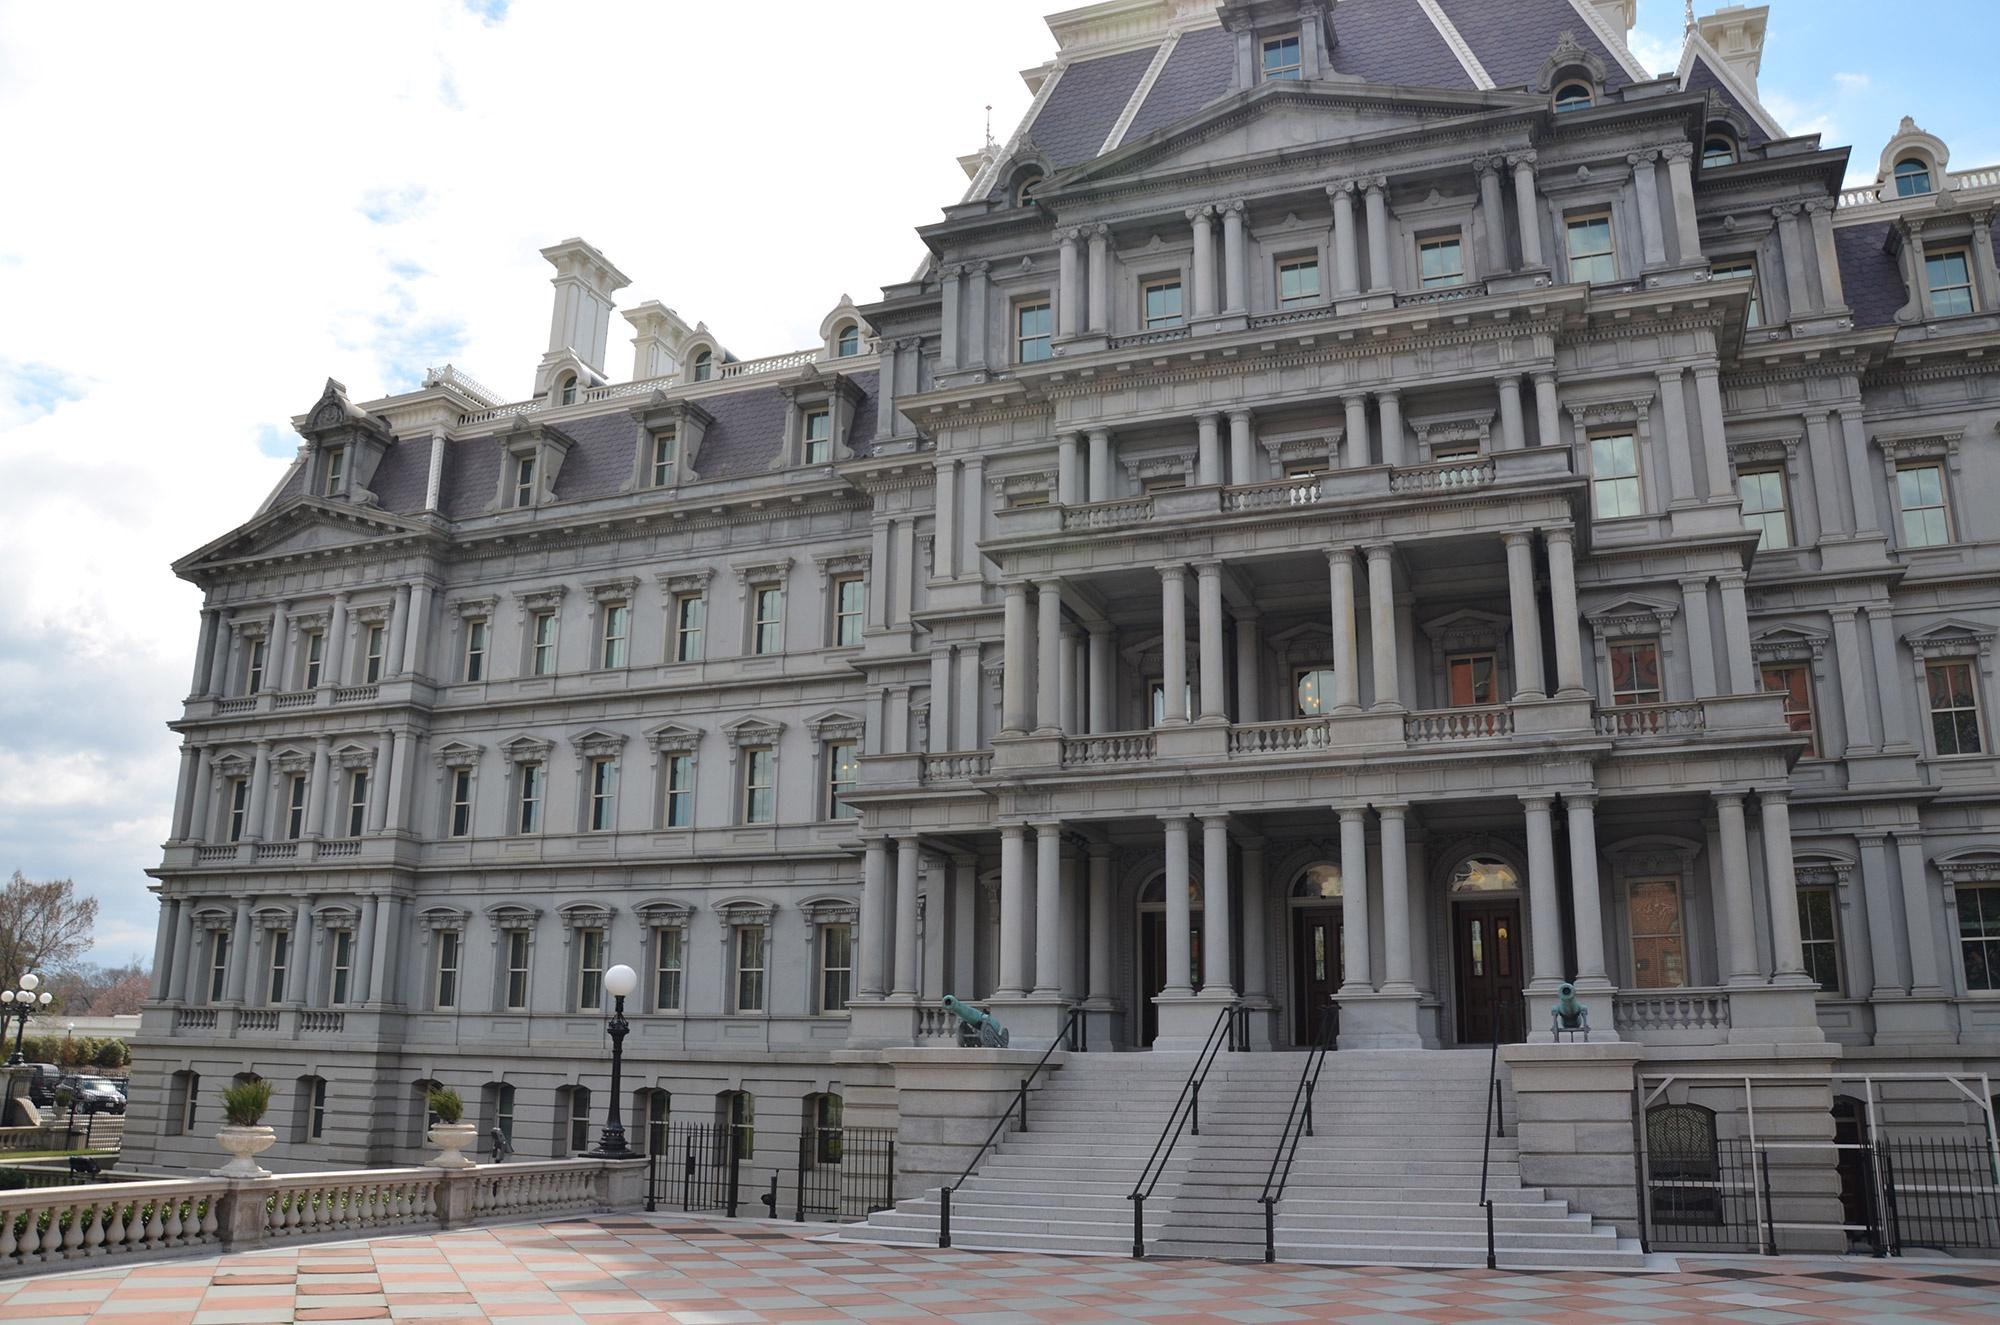 Eisenhower Executive Office Building, Washington, USA